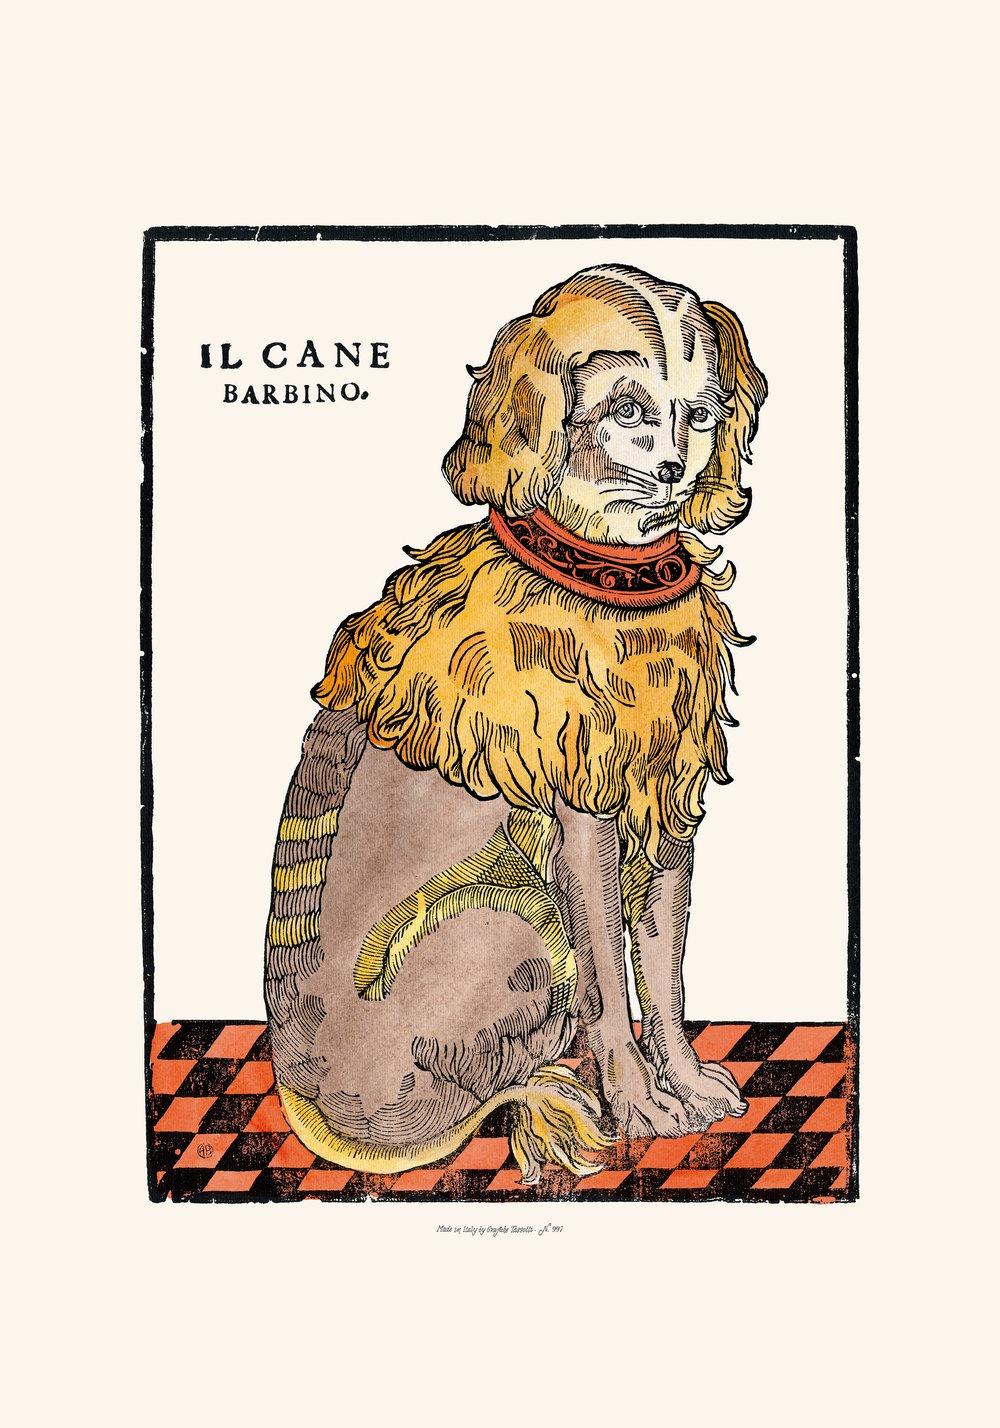 Image of IL CANE BARBINO